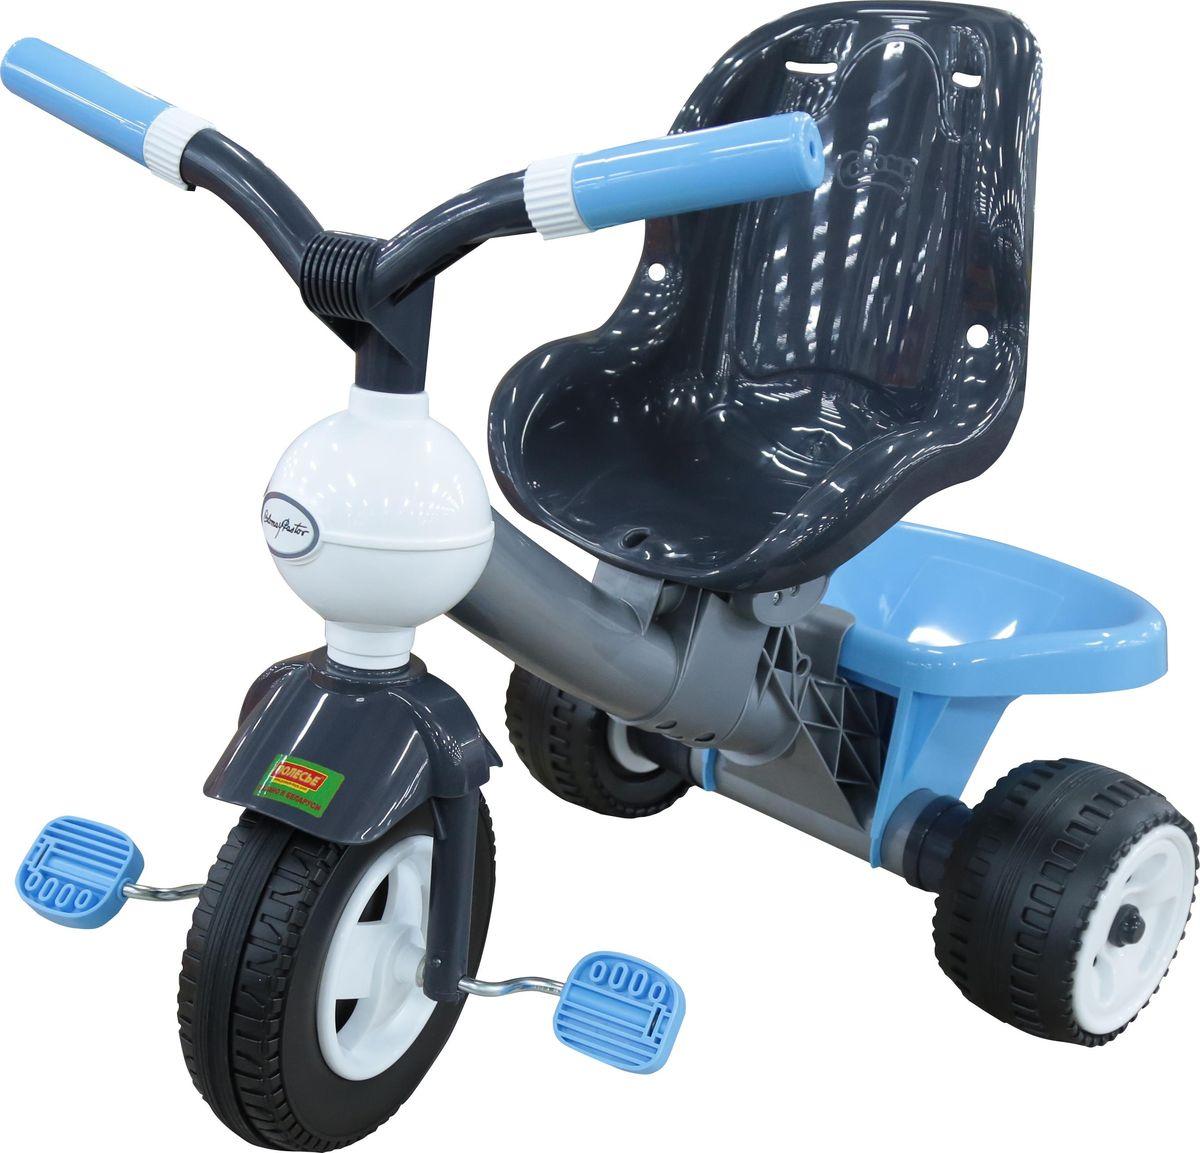 Полесье Велосипед трехколесный Амиго №3 4644446444Полесье Велосипед трехколесный Амиго №3Какой велосипед выбрать? Статья OZON Гид